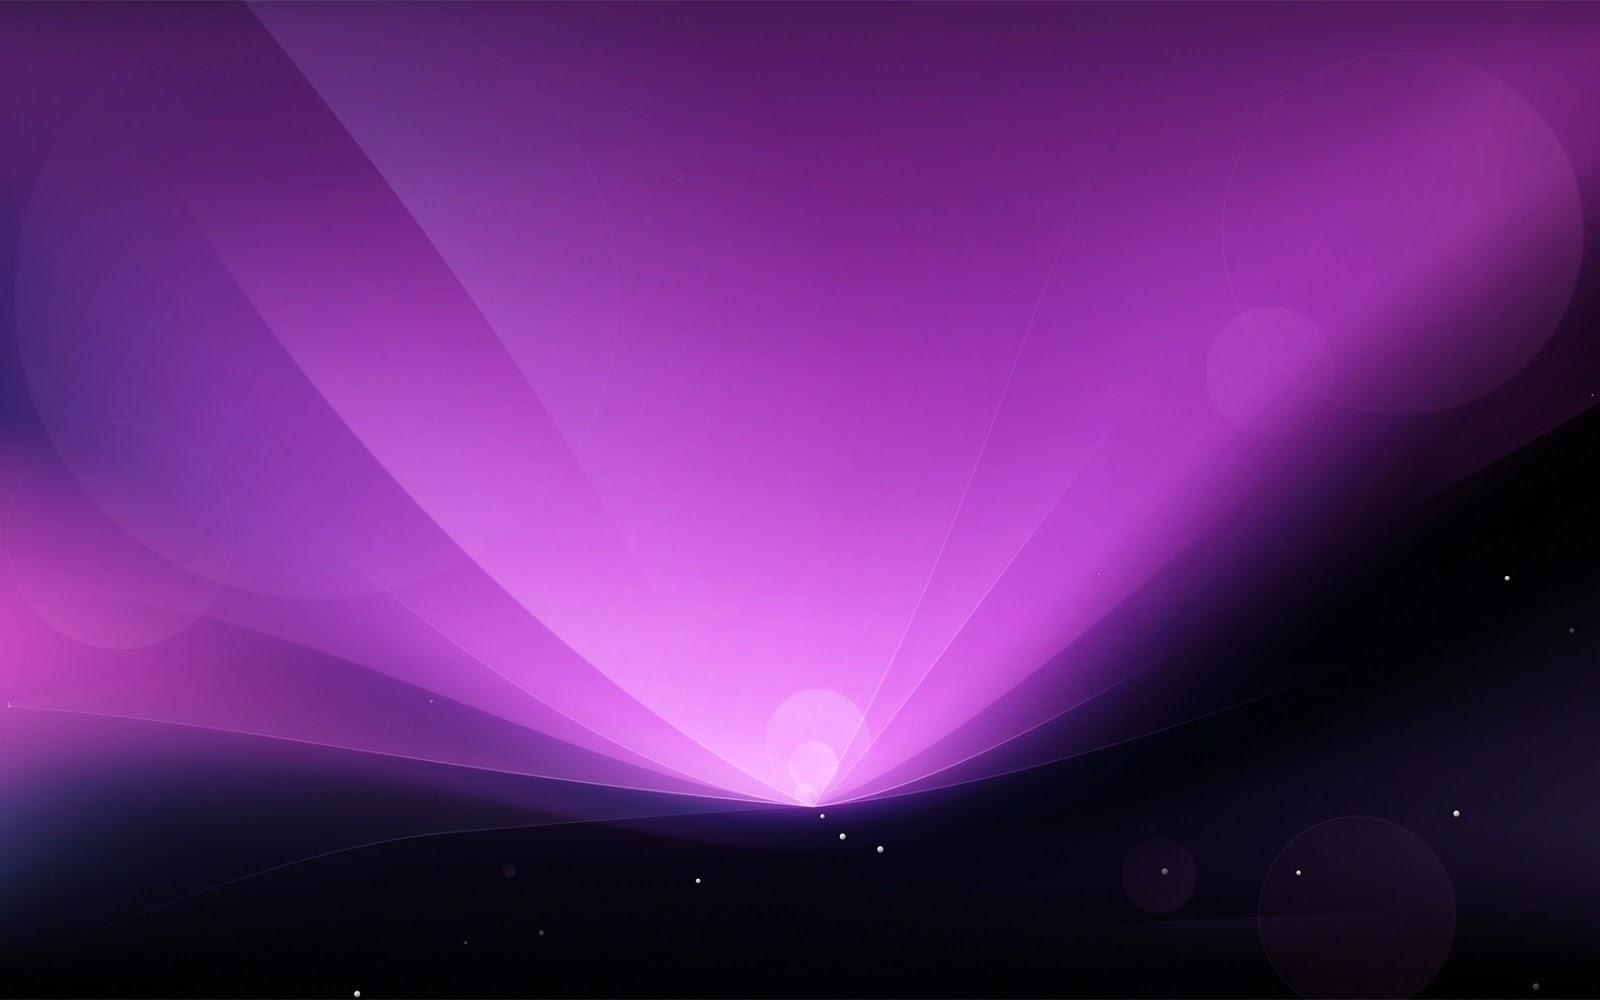 Fondos de pantalla imagenes paisajes wallpapers hd 3d for Imagenes para escritorio en movimiento gratis